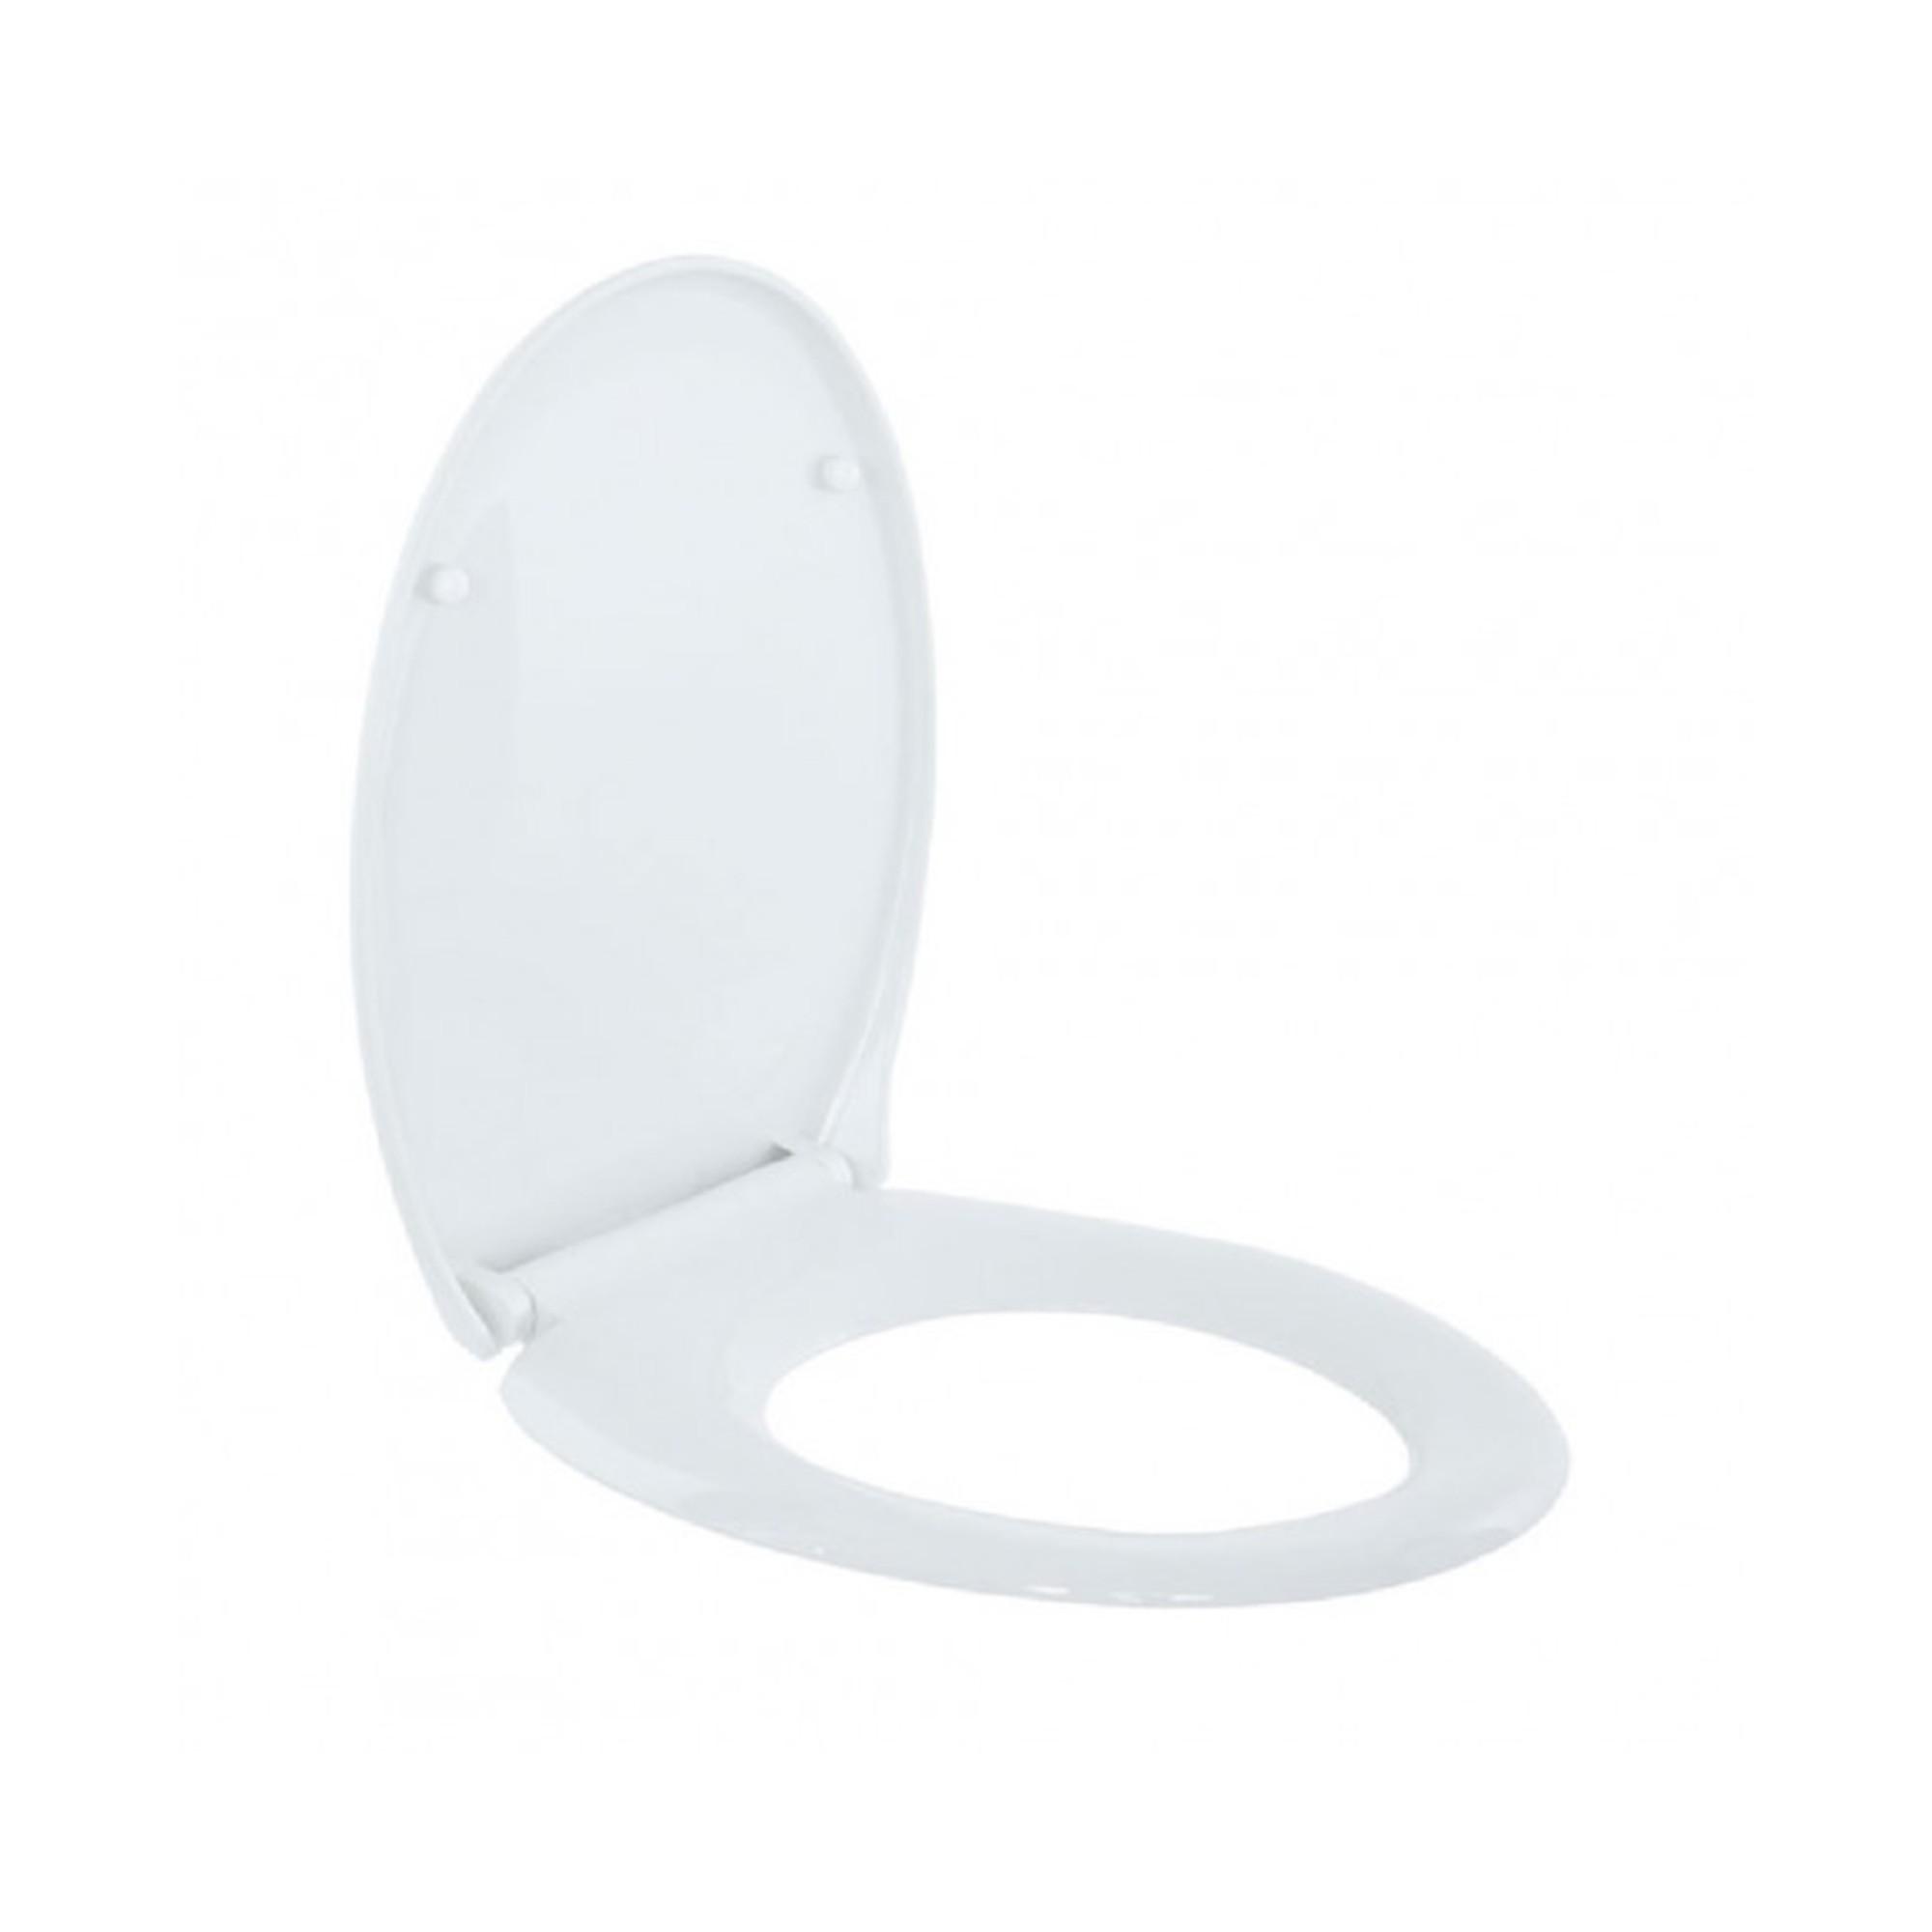 Крышка для унитаза Soft Close UNIVERSAL дюропласт, микролифт, белая